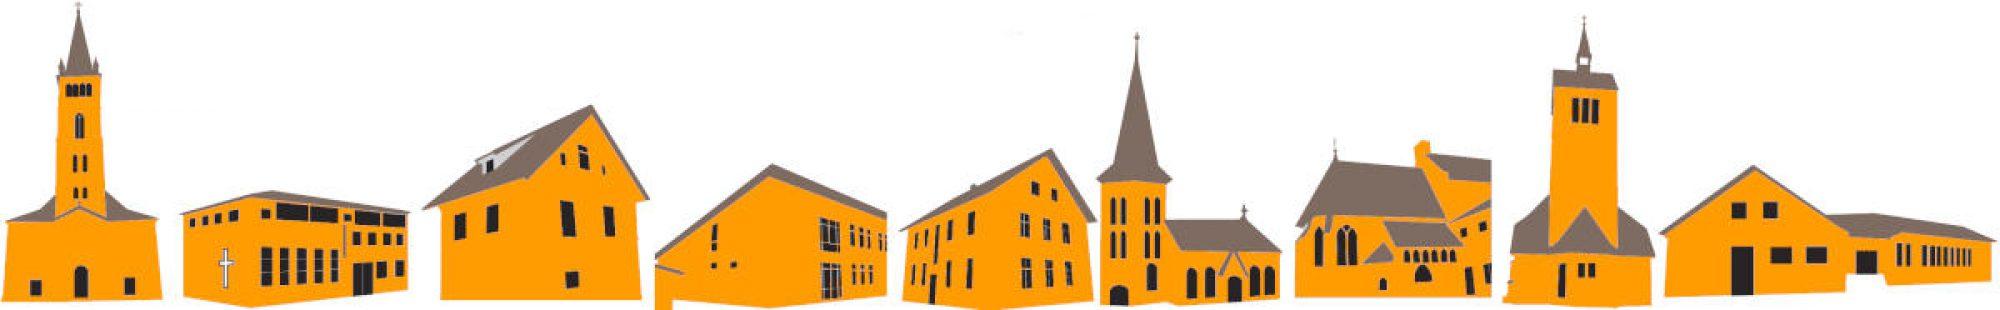 Christen in Oranienburg